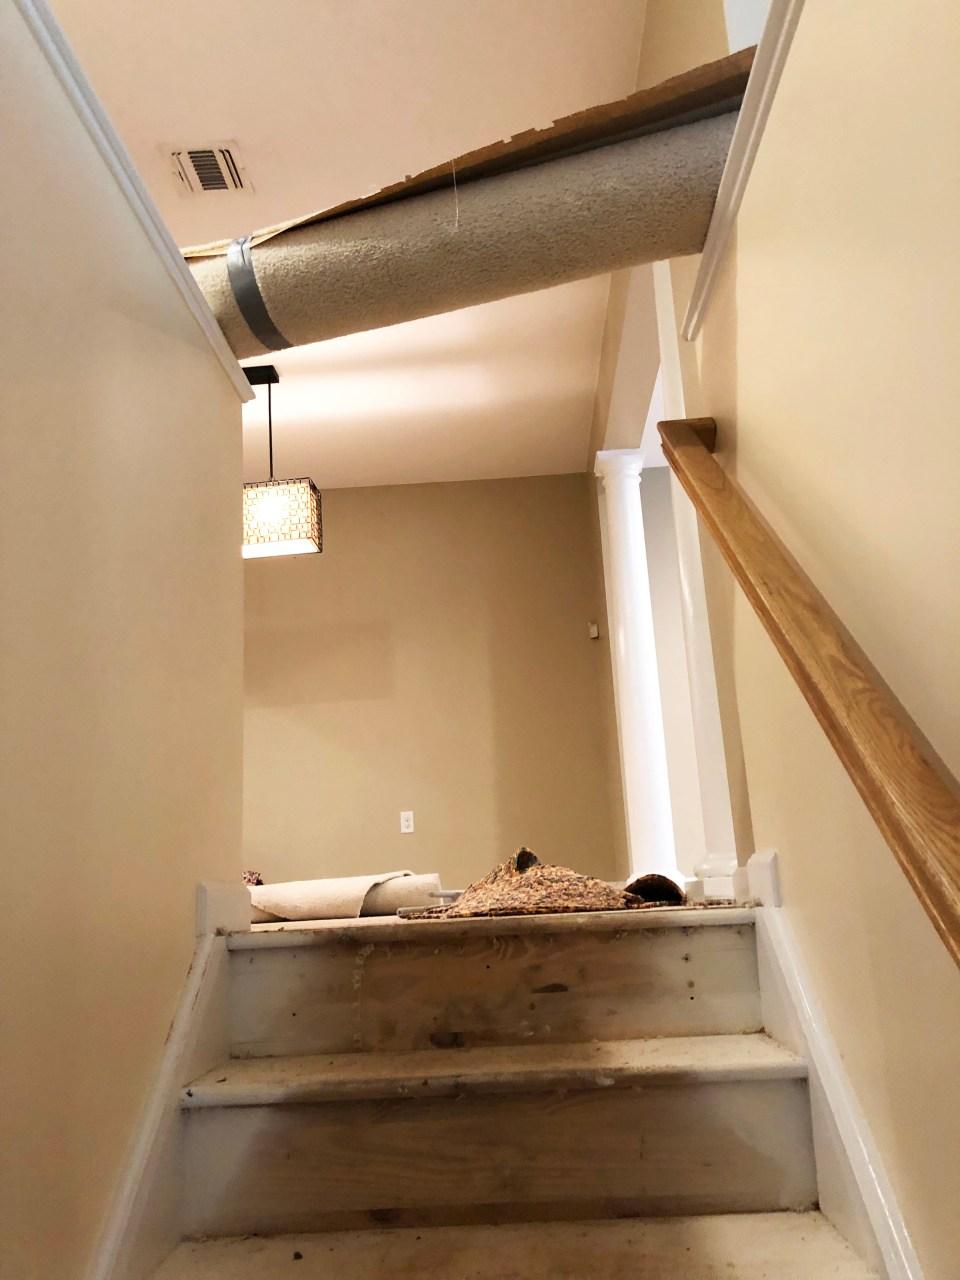 Foyer - Stairs Update 4